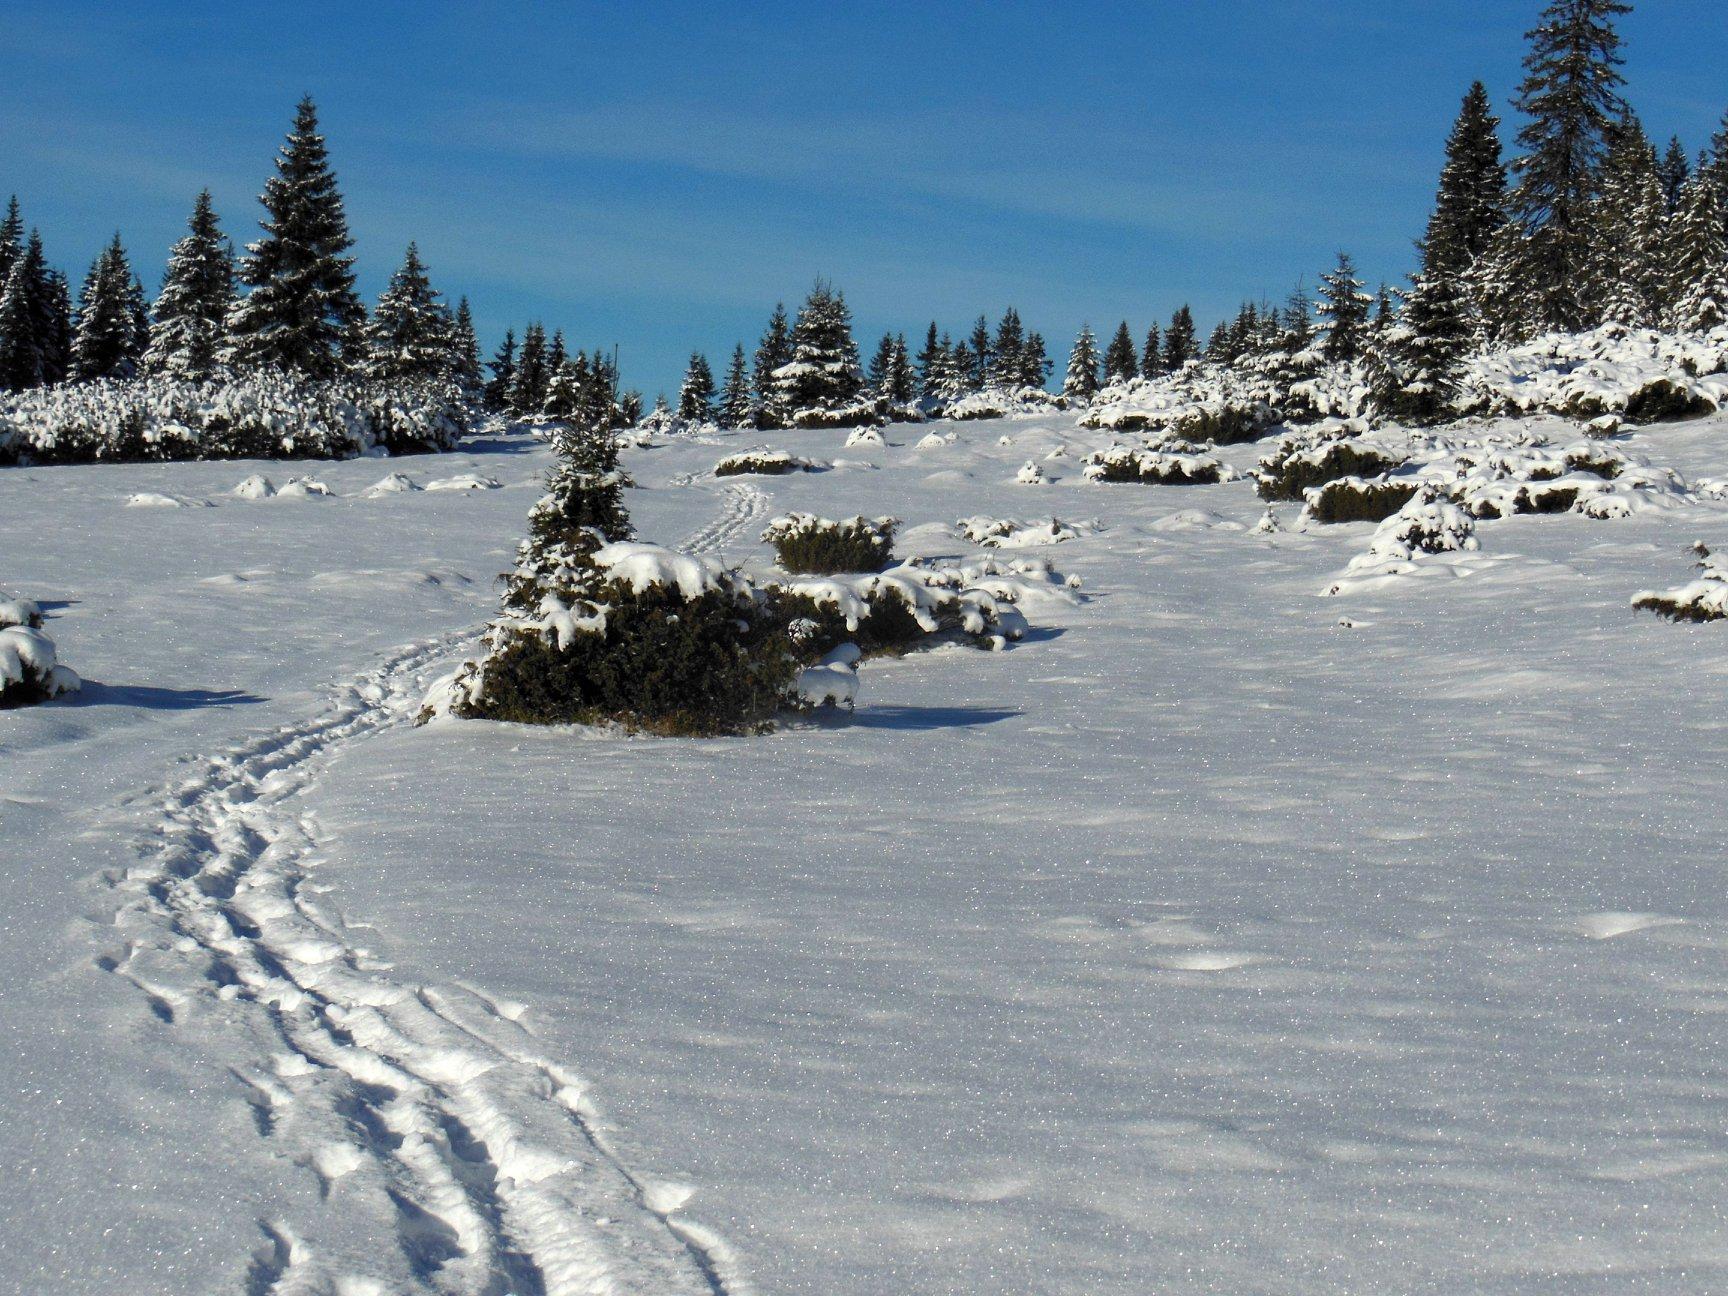 Франківець пішов у похід на милицях заради неймовірних фото зимових Карпат 24